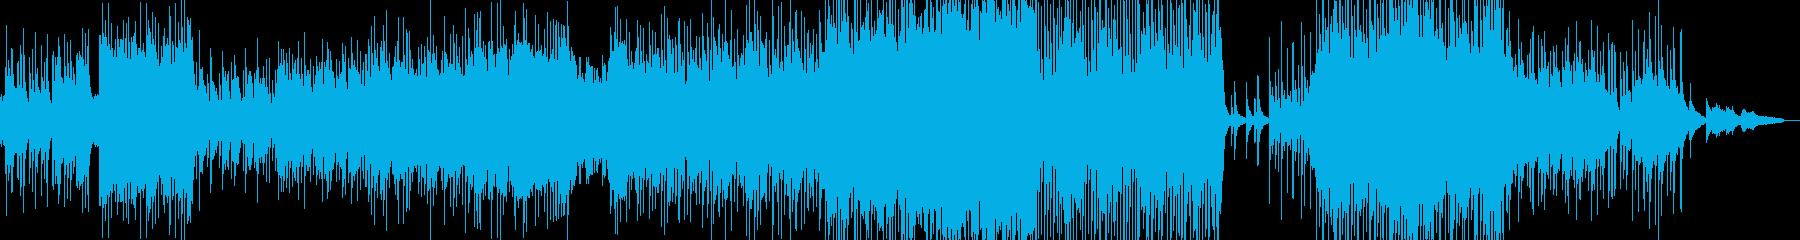 幼少時代の思い出・癒しの三味線ロック Bの再生済みの波形